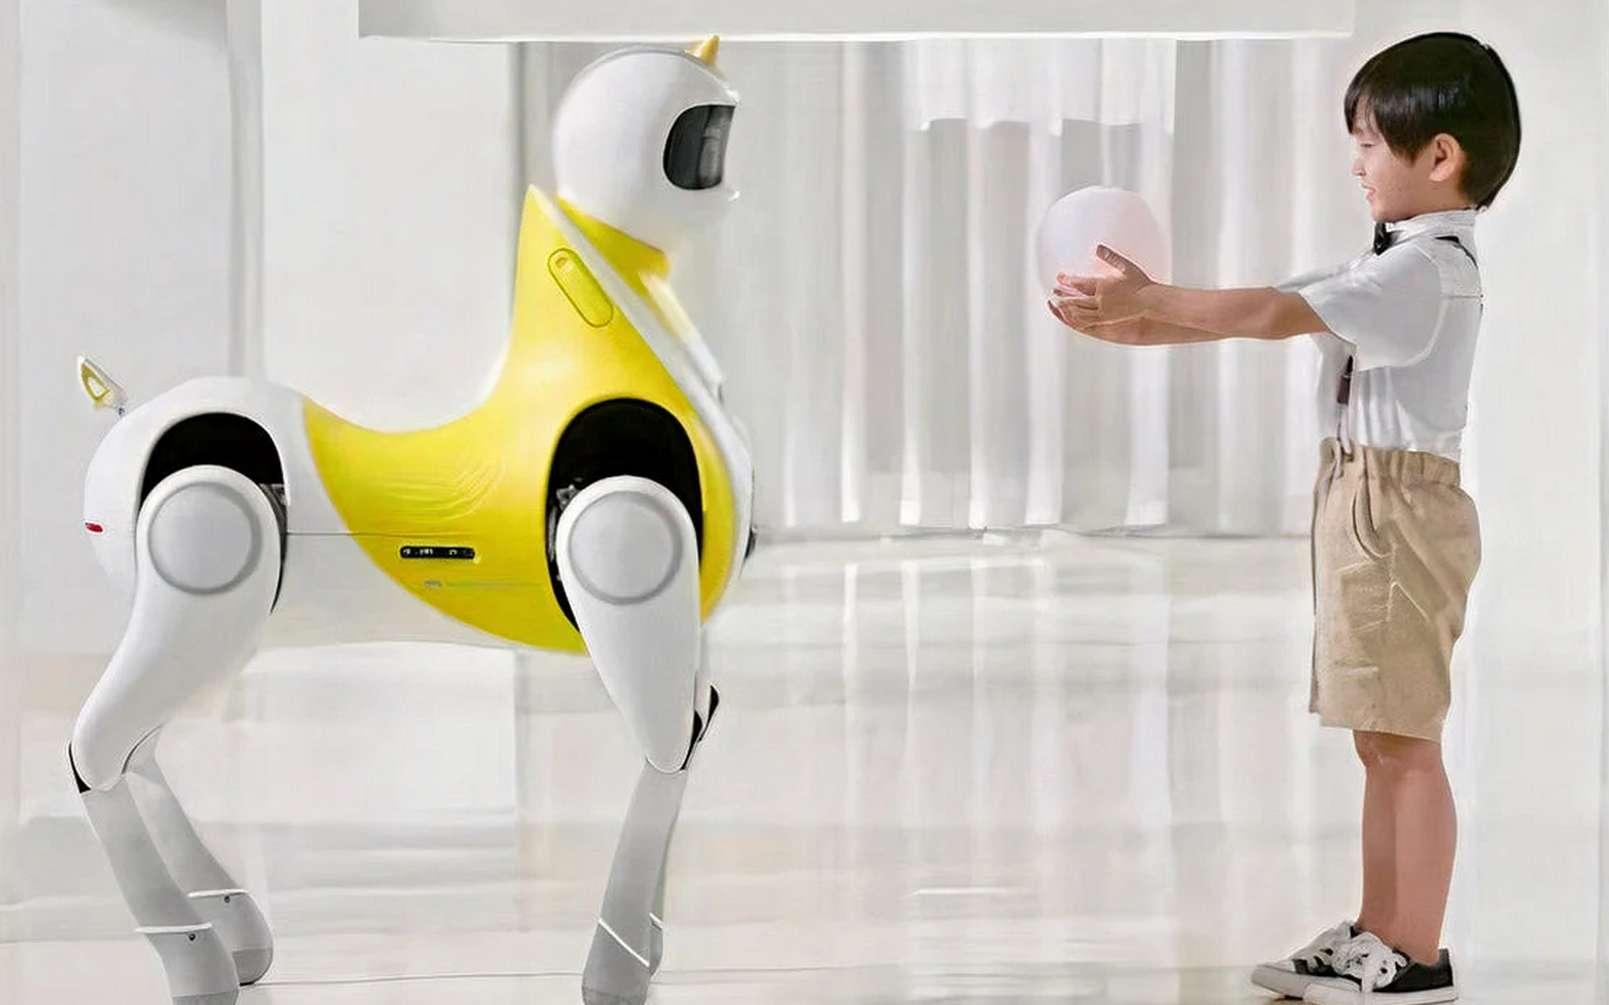 Le robot poney imaginé par Xpeng est censé pouvoir être chevauché par des enfants. Reste à voir quels dispositifs de protection contre les chutes sont prévus dans la version finale. © Xpeng Robotics